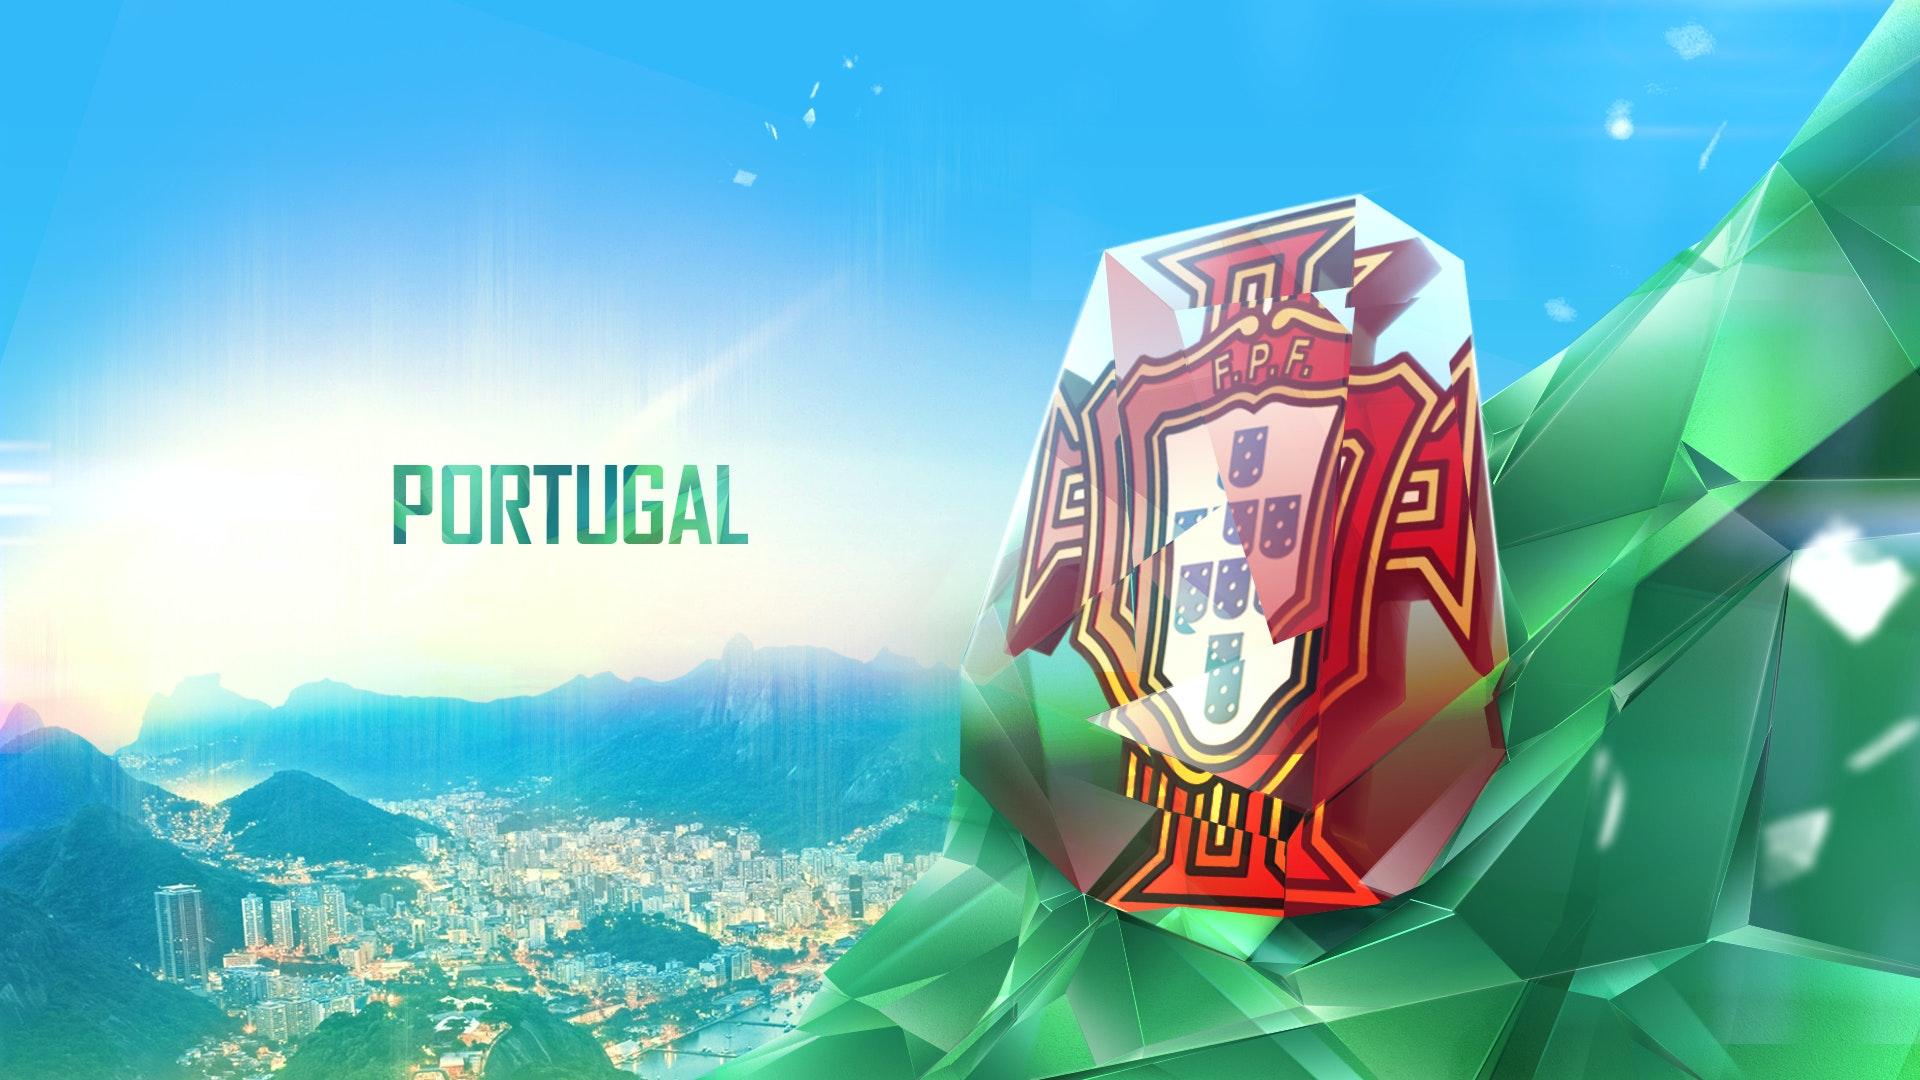 VINICIUS NALDI - Country_Logo_Portugal_v1_o